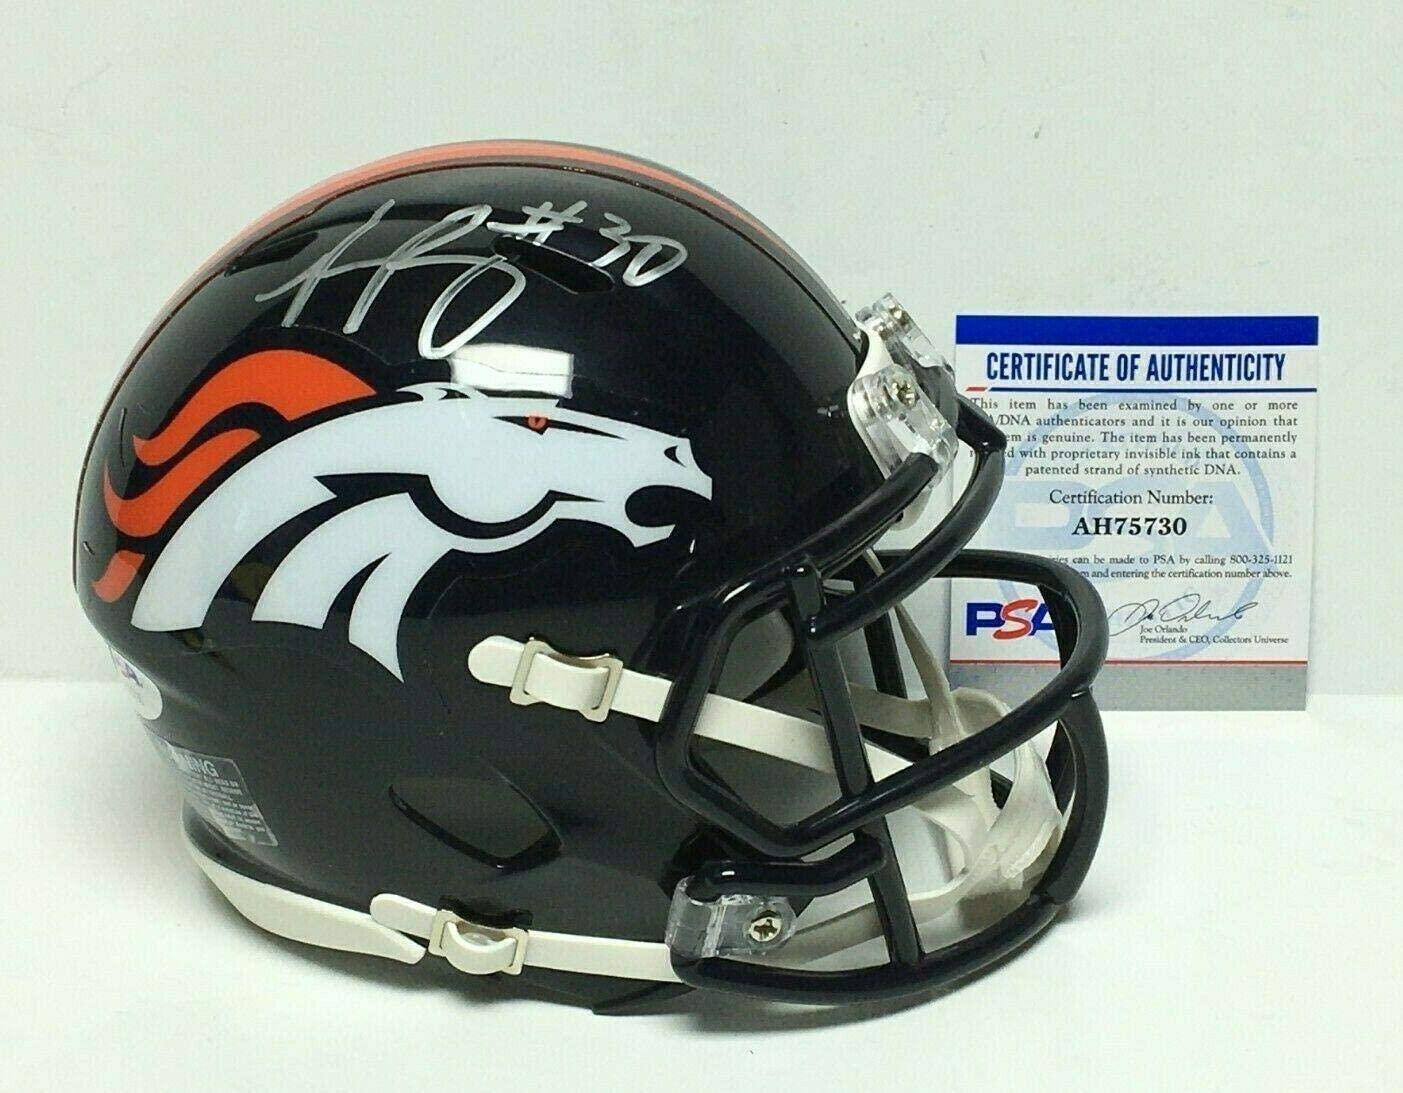 Phillip Lindsay Autographed Mini Helmet - Speed AH75730 - PSA/DNA Certified - Autographed NFL Mini Helmets